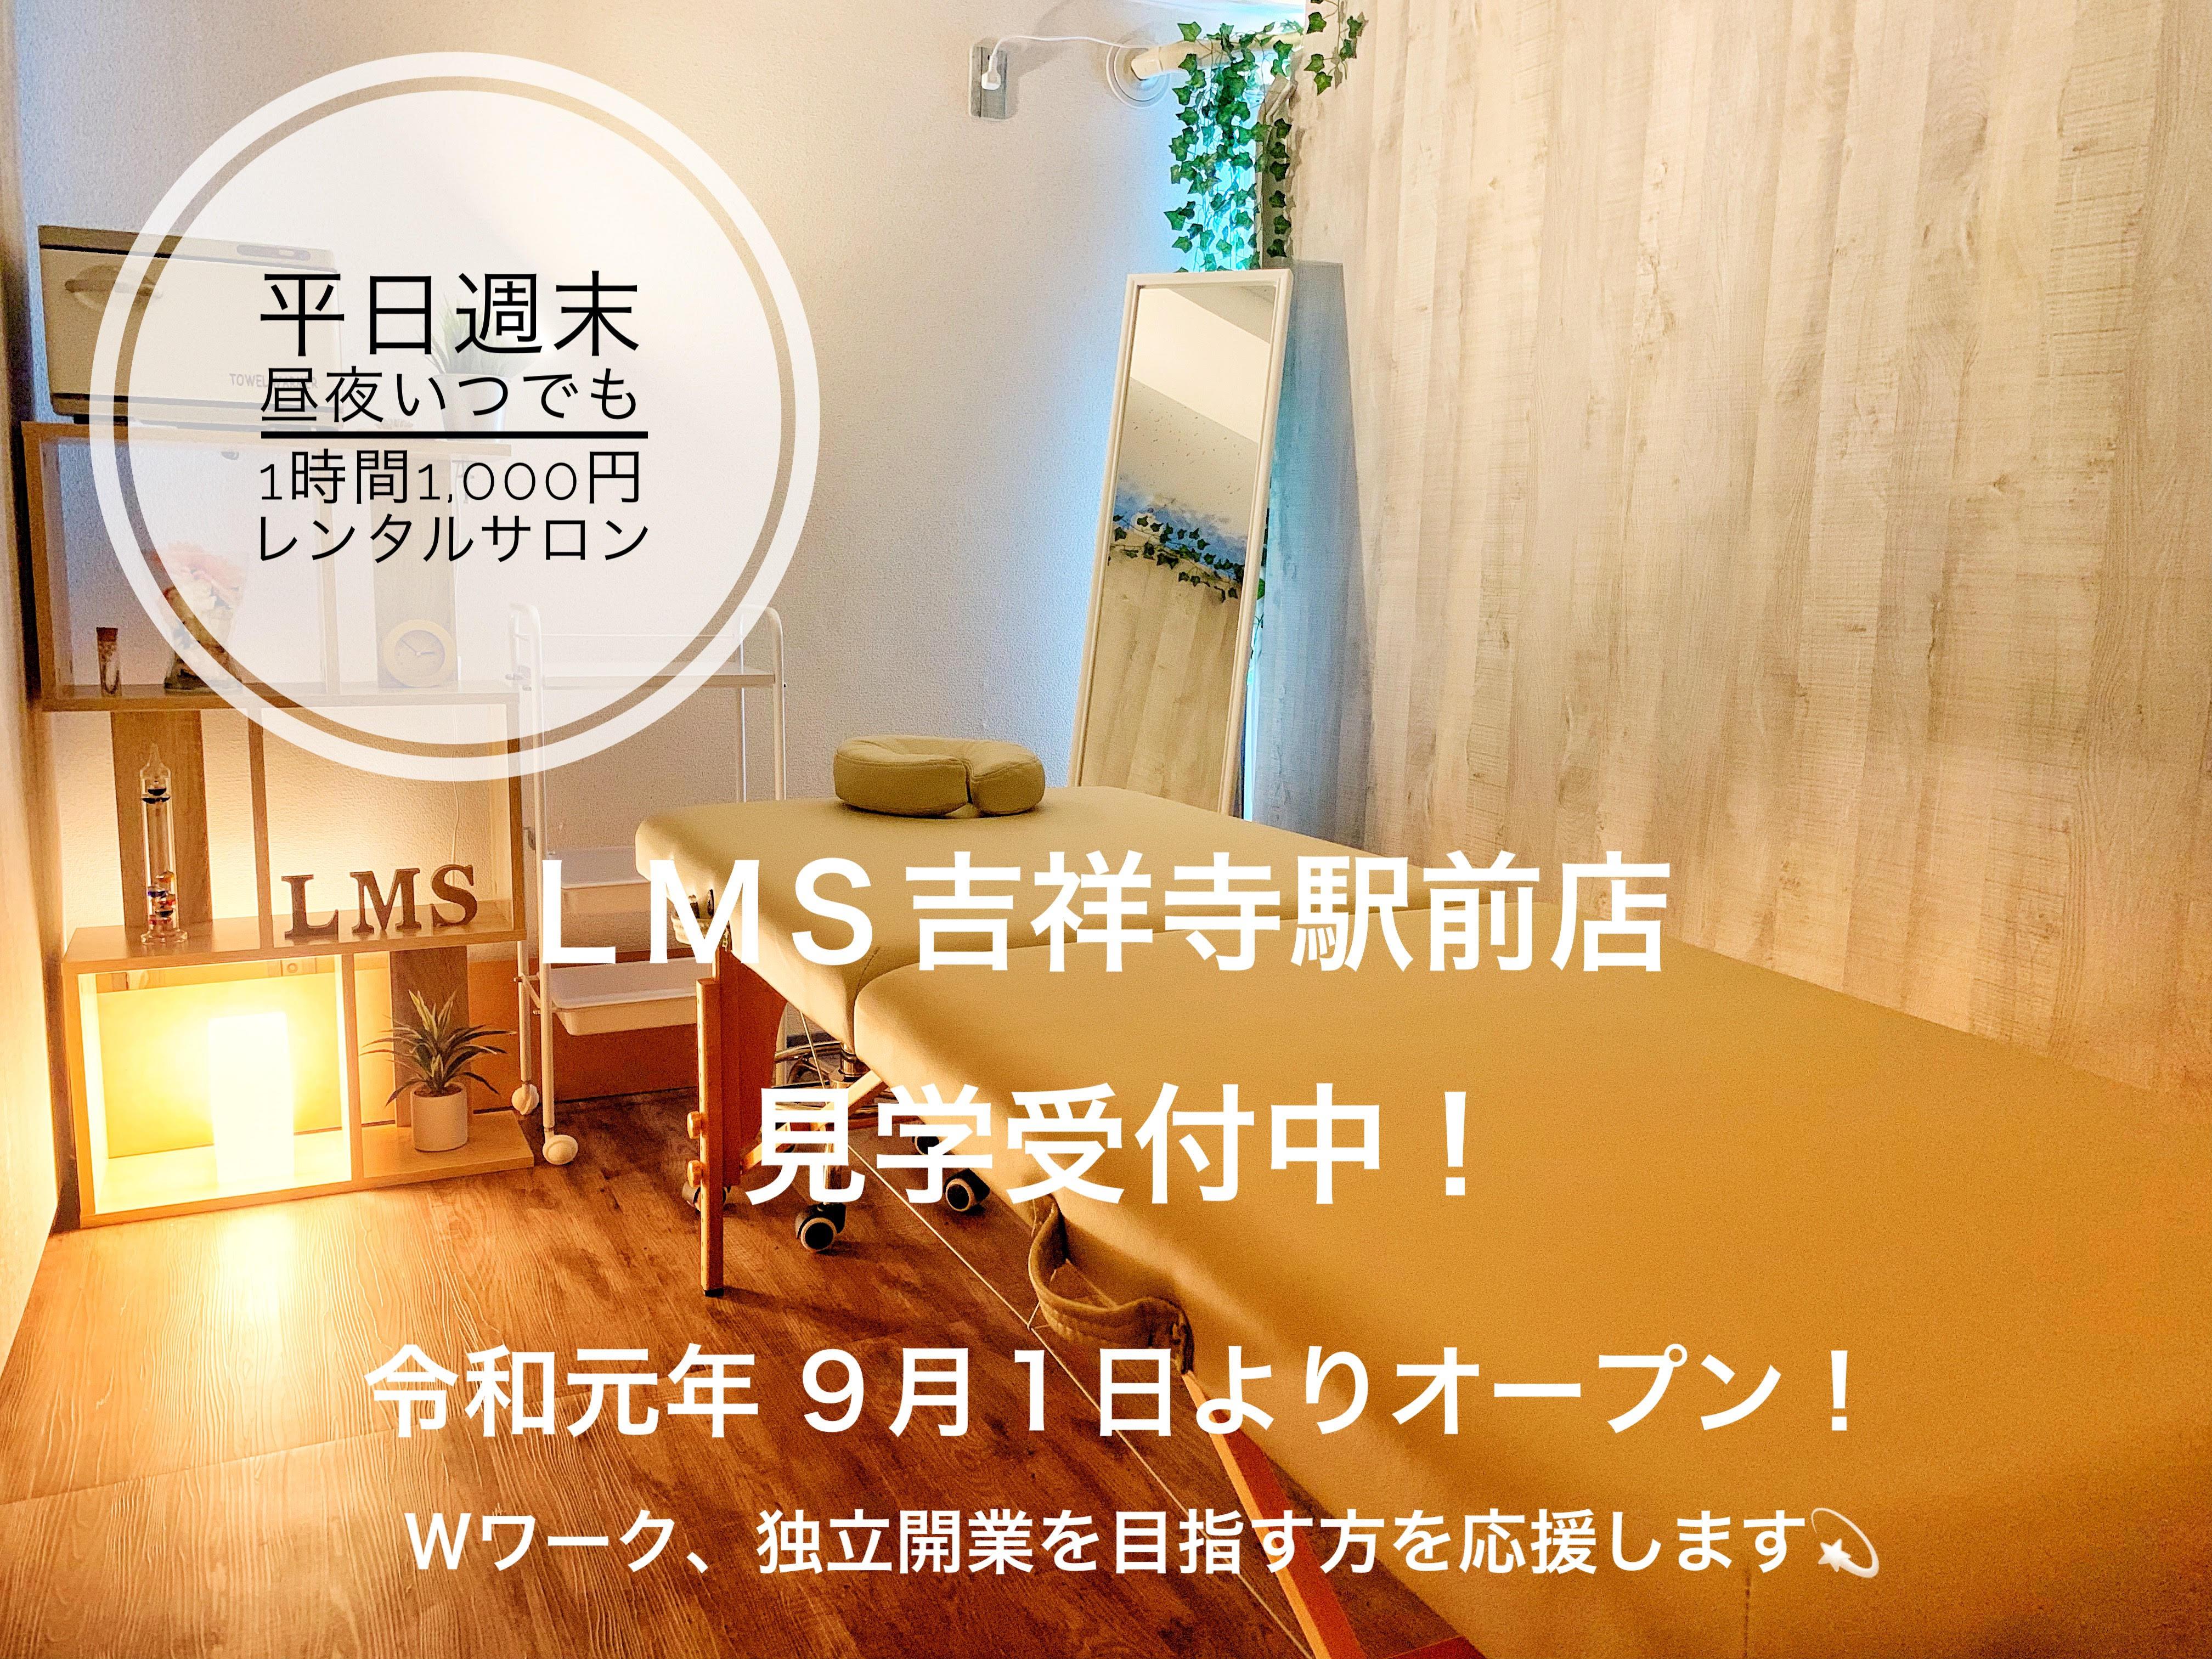 吉祥寺駅前レンタルサロン安サロン開業